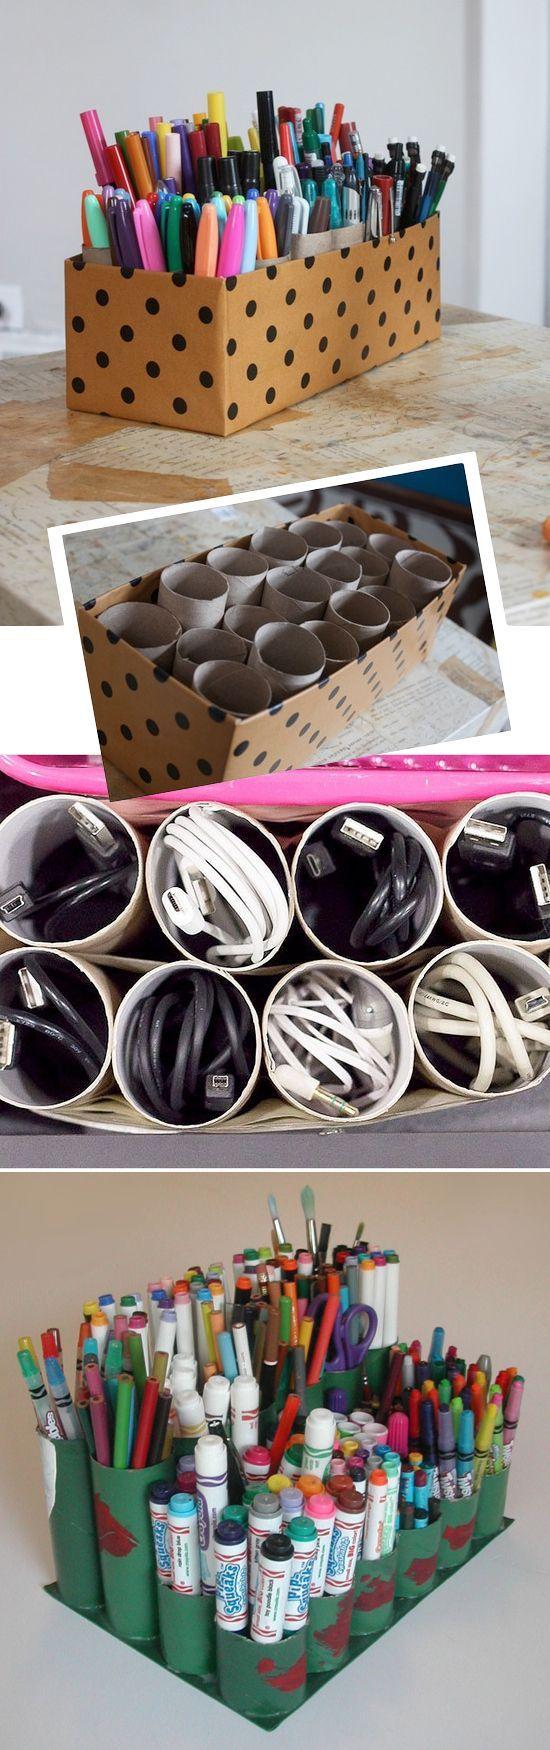 Cartones de papel higiénico y papel de cocina para ordenar Bolígrafos, cables y demás.